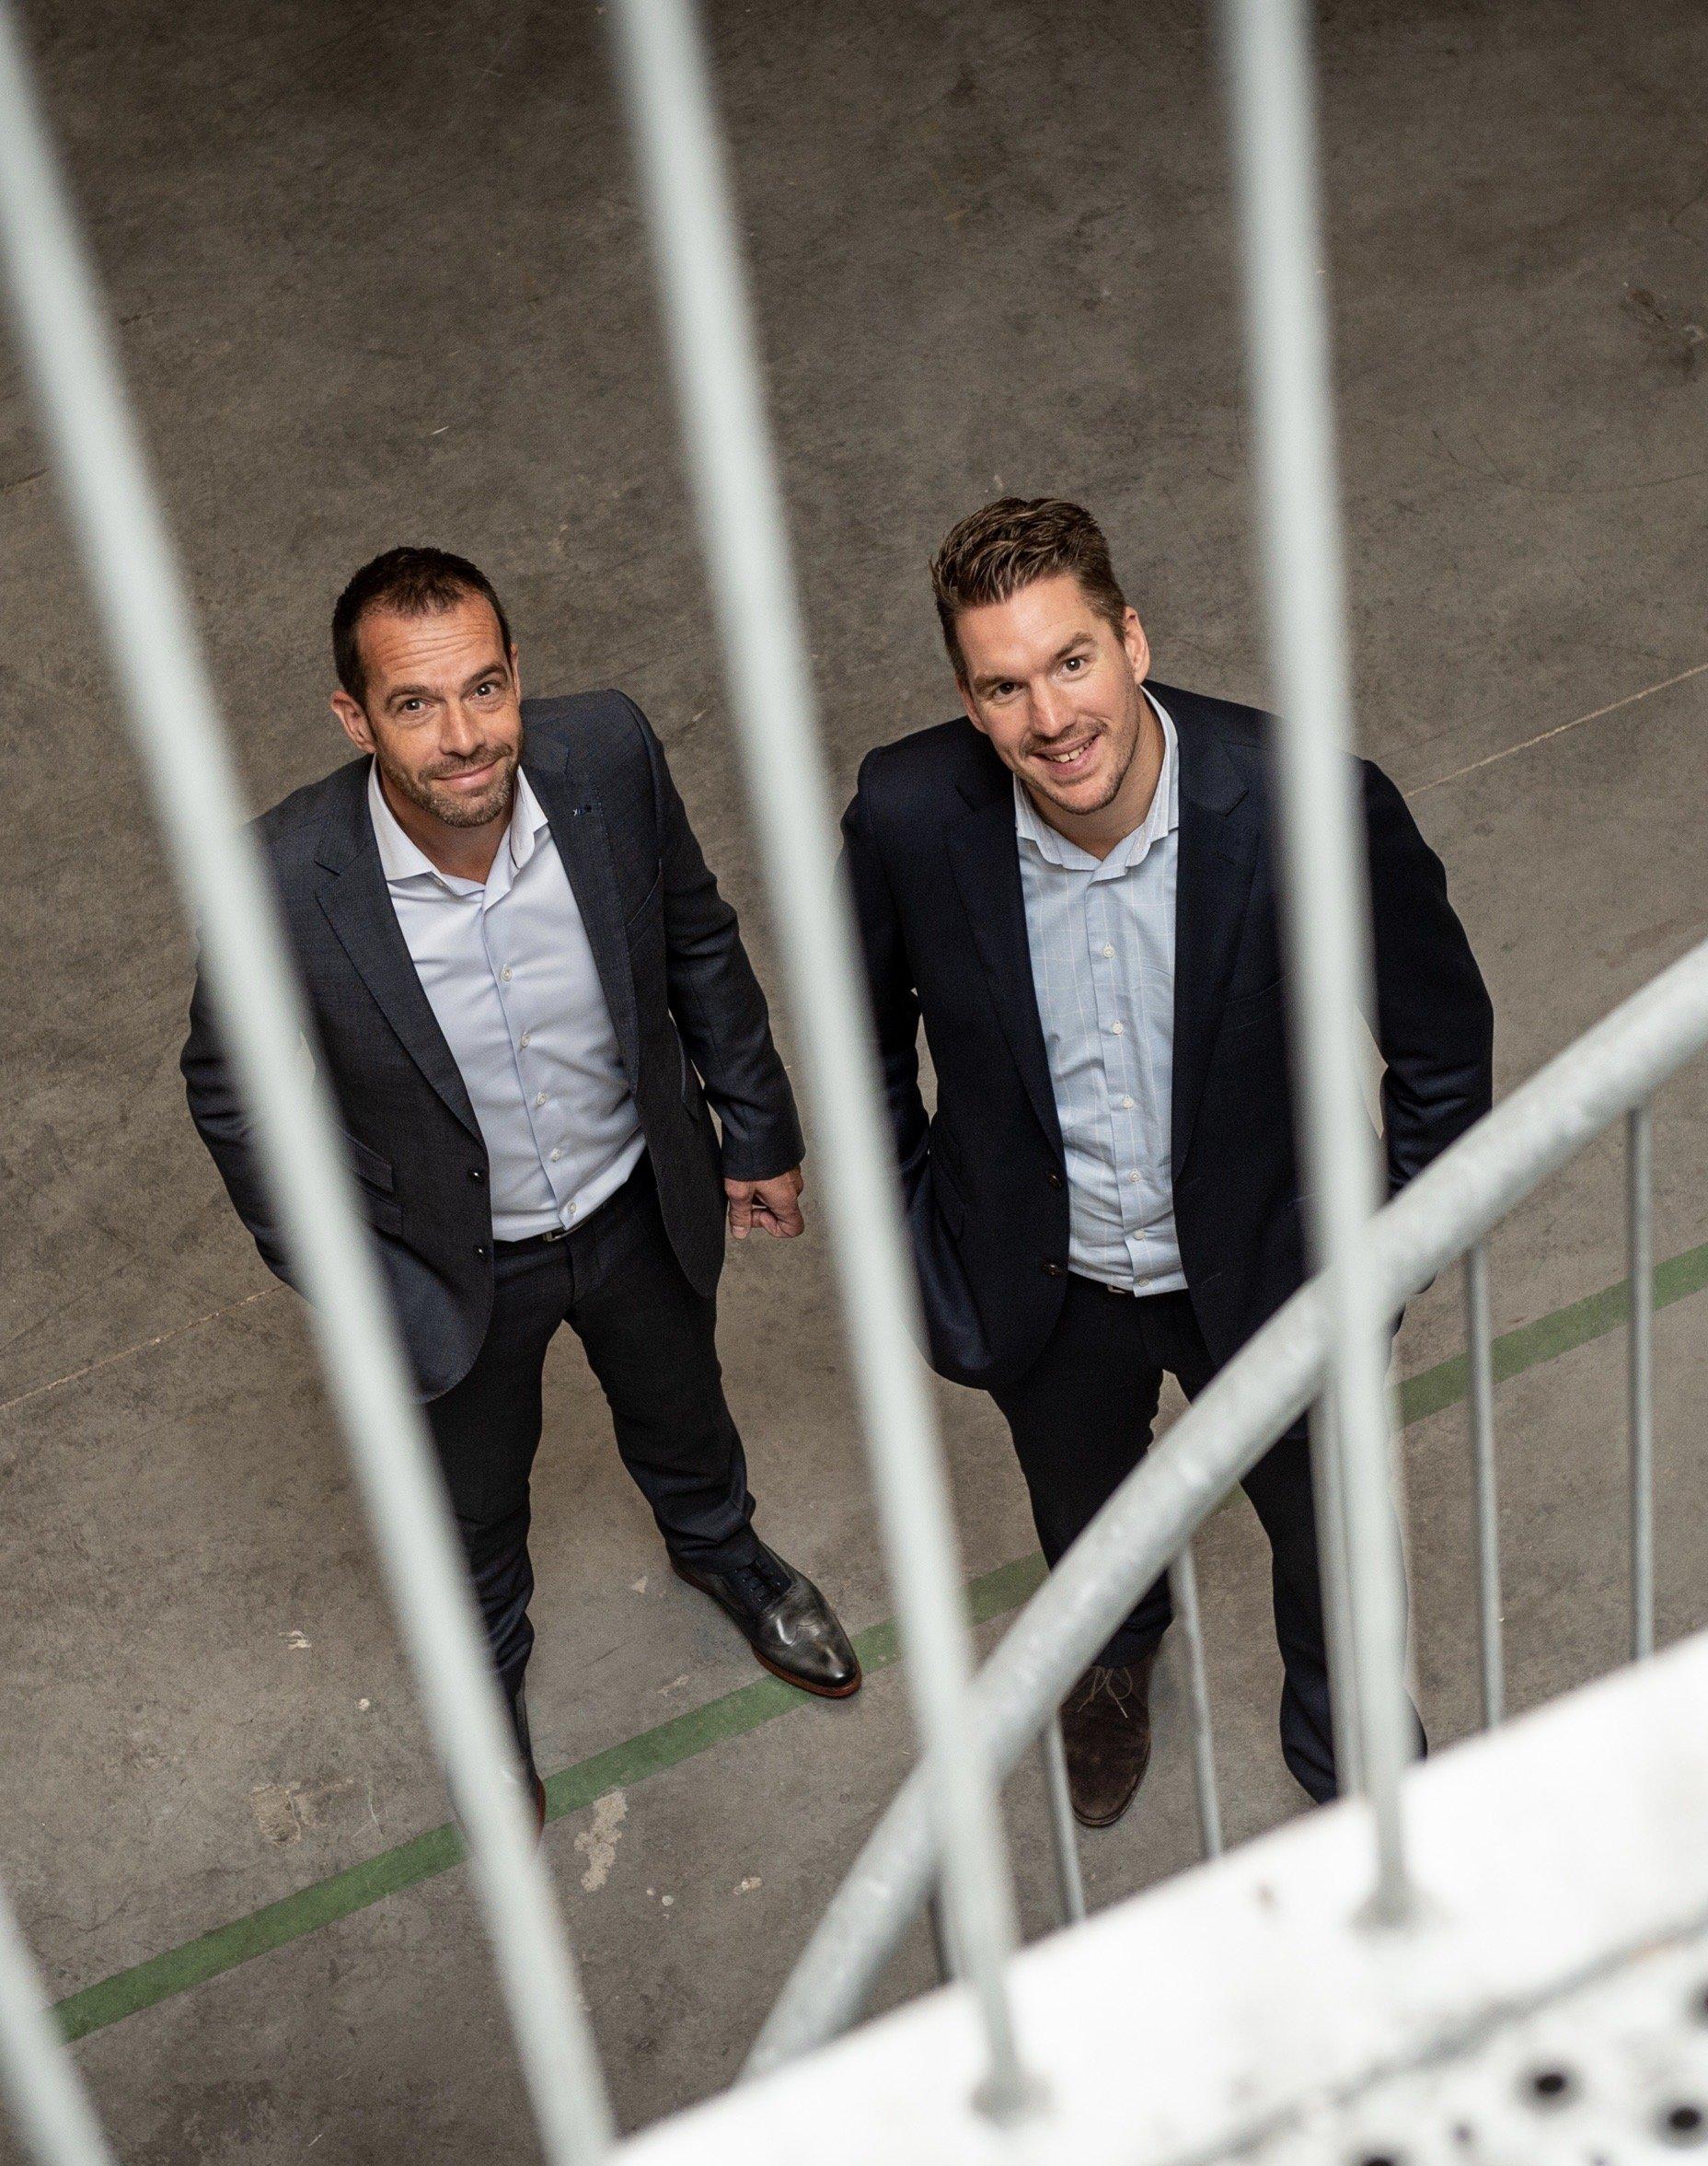 Online MVO Verslag Talen - Emiel Talen en Mark van der Graaf - directie Talen Vastgoedonderhoud